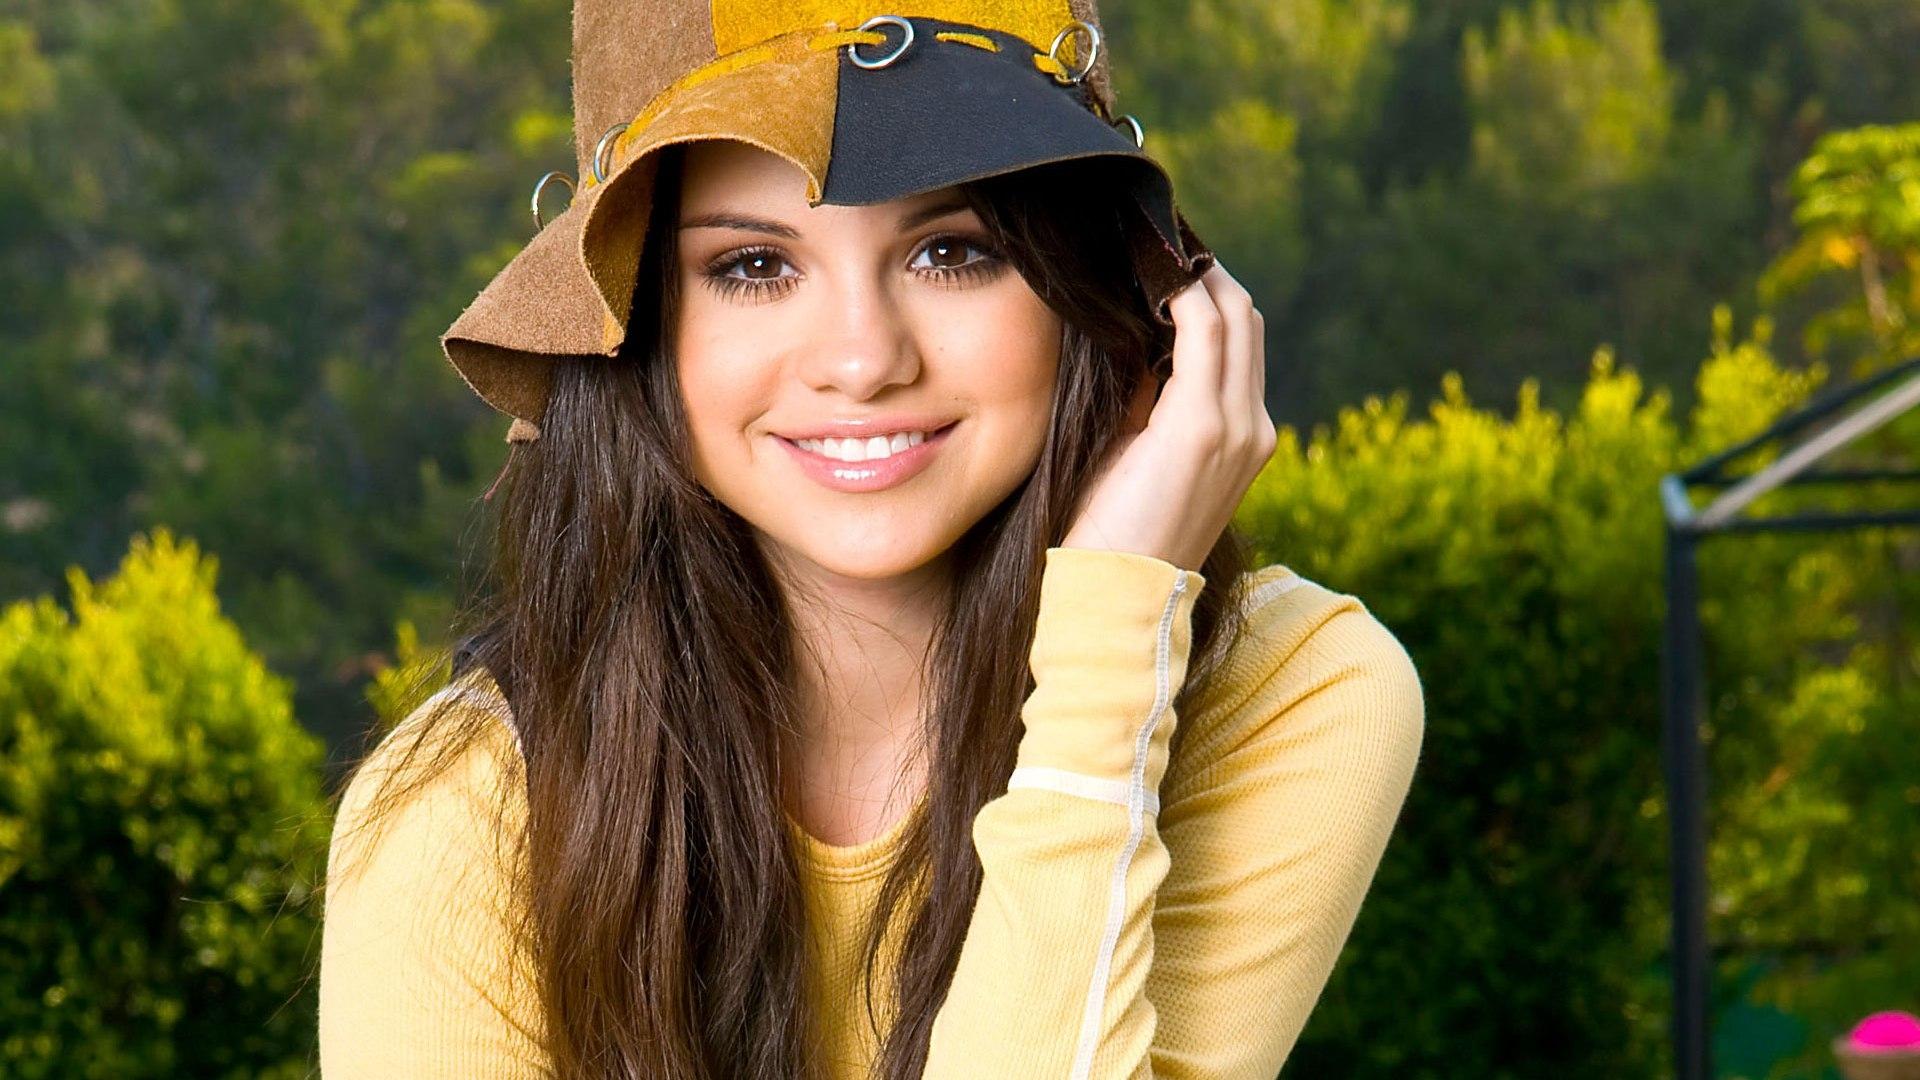 wallpaper selena gomez girl smile hat hair 1920x1080